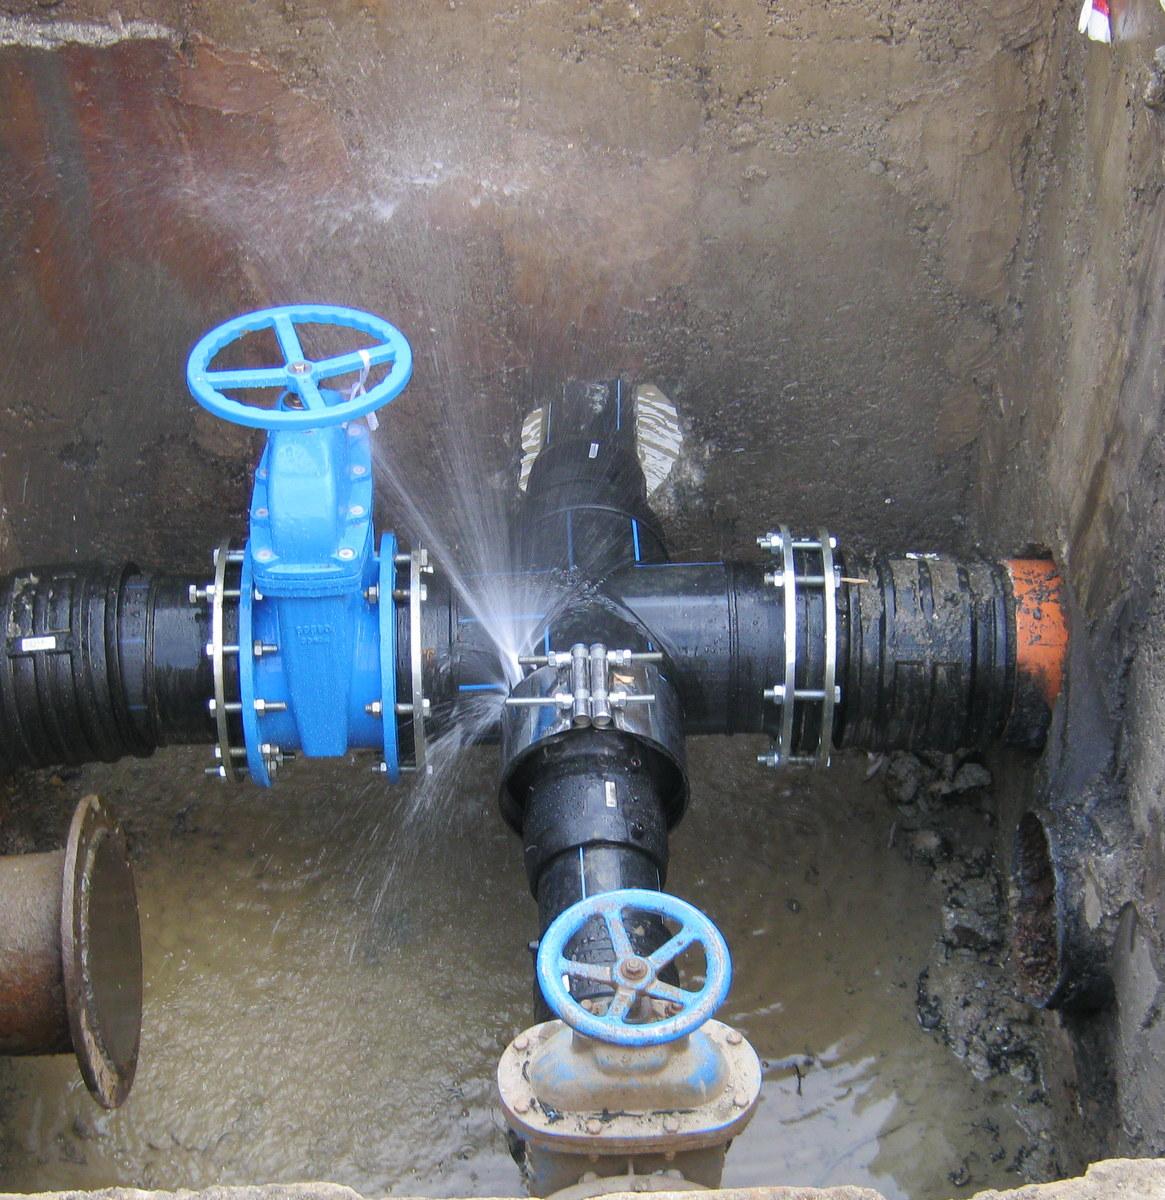 Intervenție de urgență la conducta de alimentare cu apă din strada Ștrandului